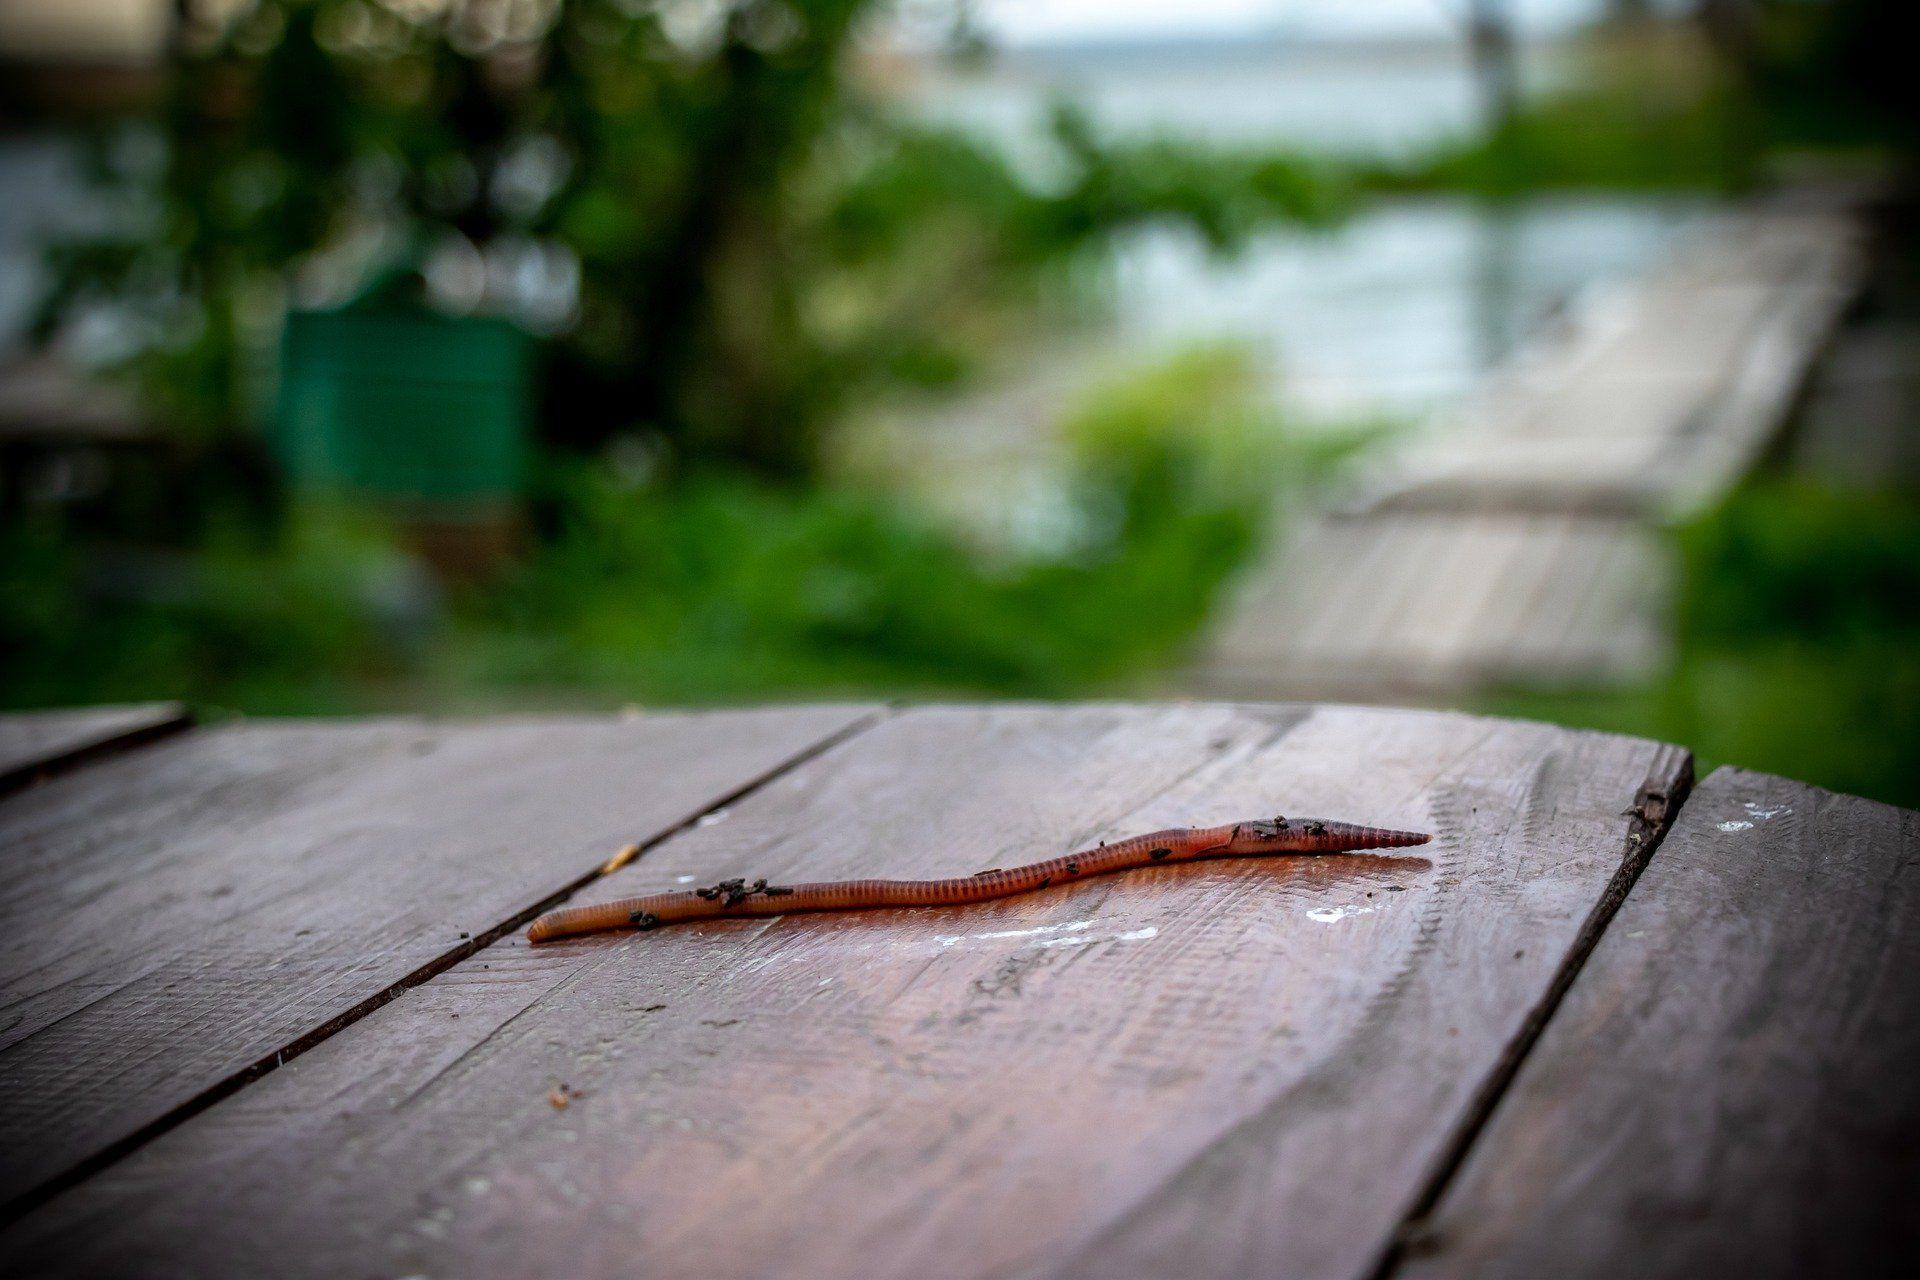 Скачать фото большой, дождевой червь бесплатно